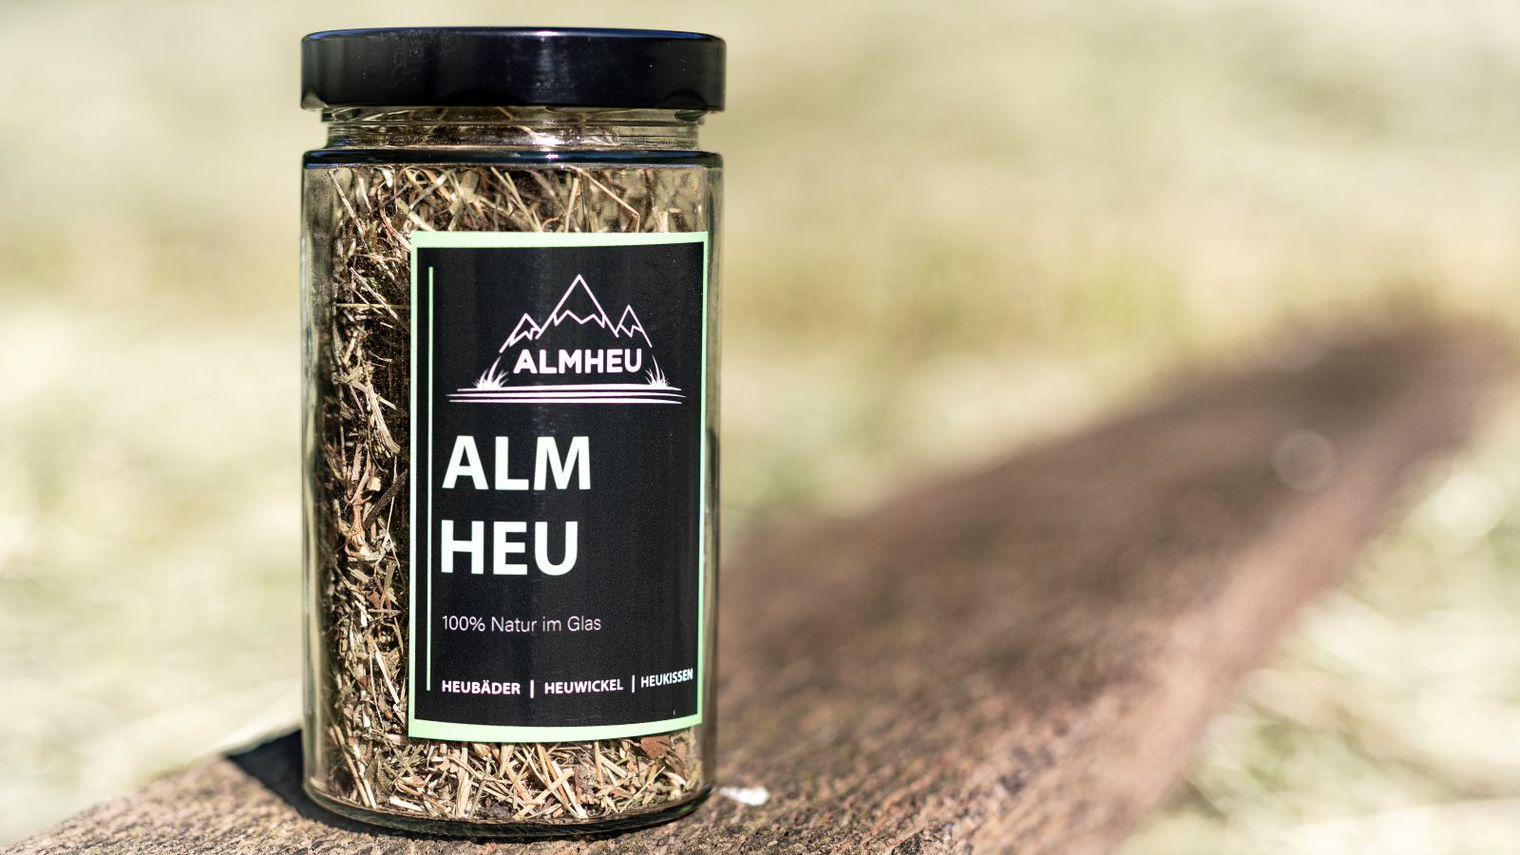 Wellnessheu, Almheu Wellness, Heublumen, Heublumenbad, Sitzbad, Heuwickel, Heukissen, Heubäder